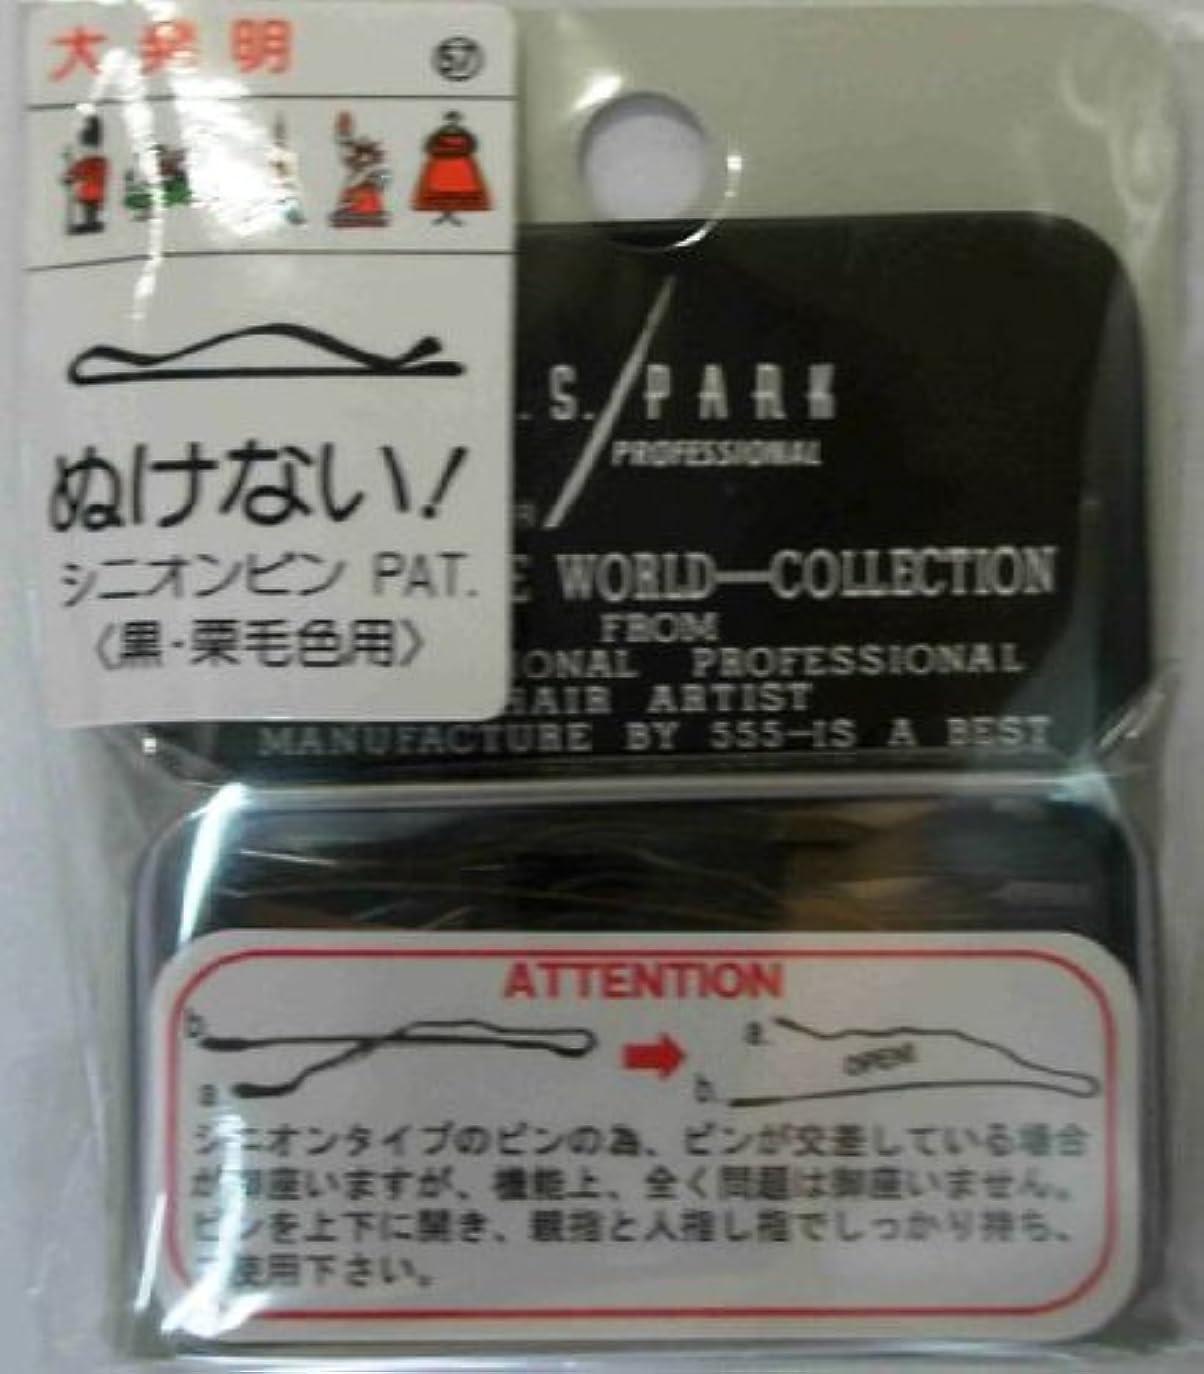 汗レクリエーションクリケットY.S.PARK世界のヘアピンコレクションNo.57(黒?栗毛色用)24P